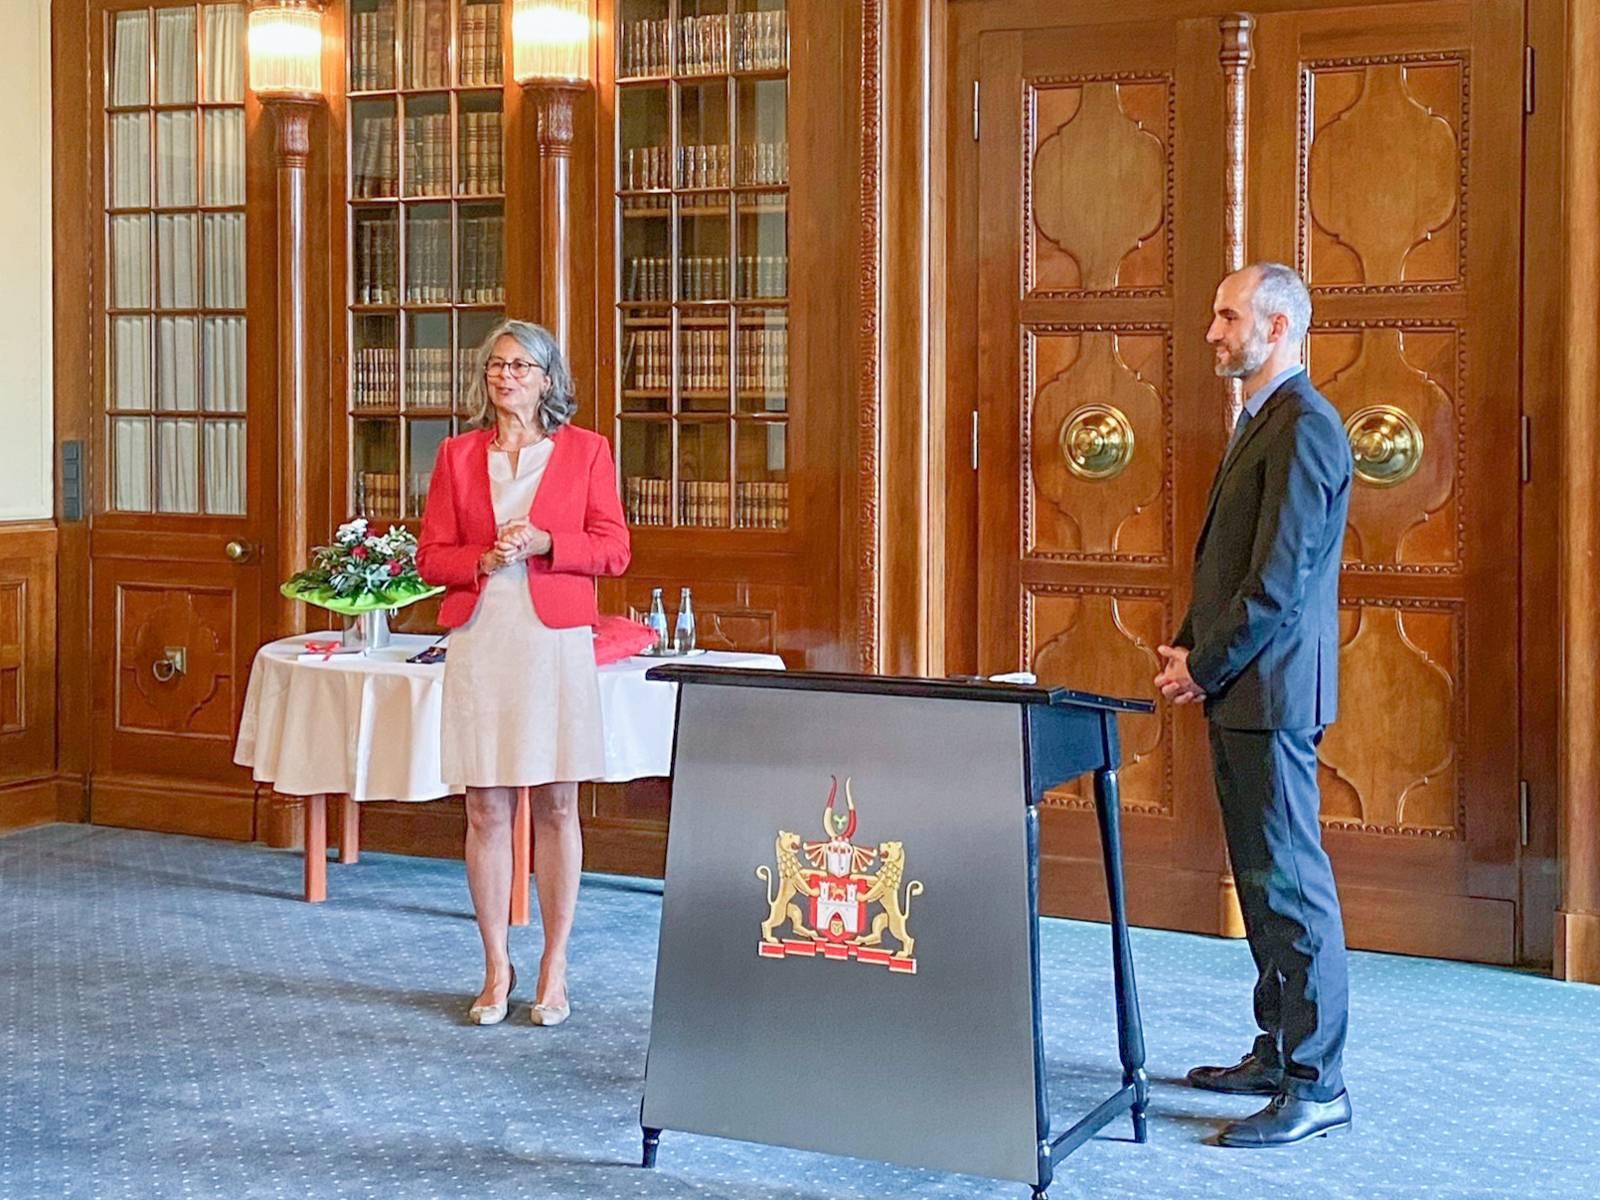 Eine Frau und eine Mann stehen in einem Raum